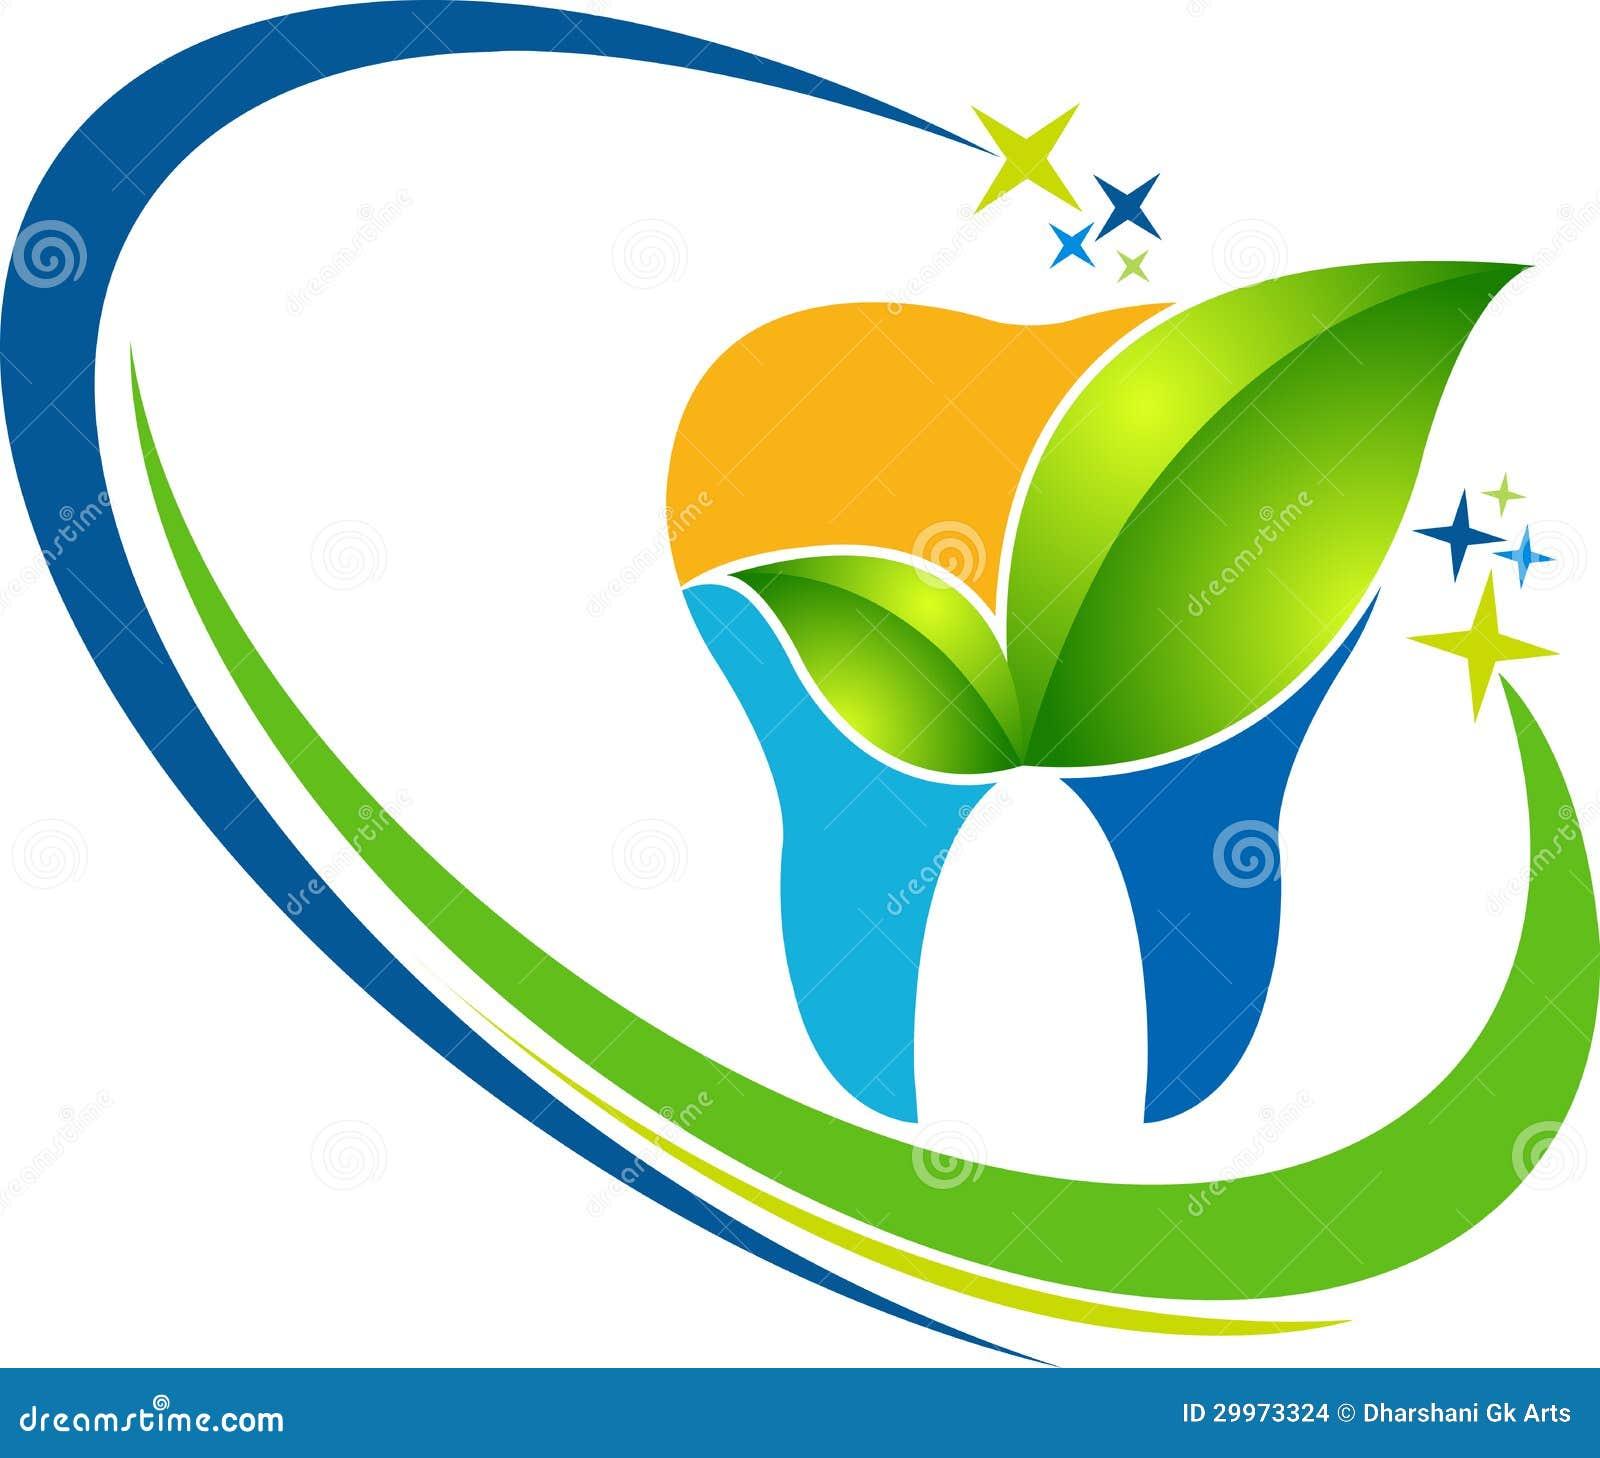 tooth logo clip art - photo #35